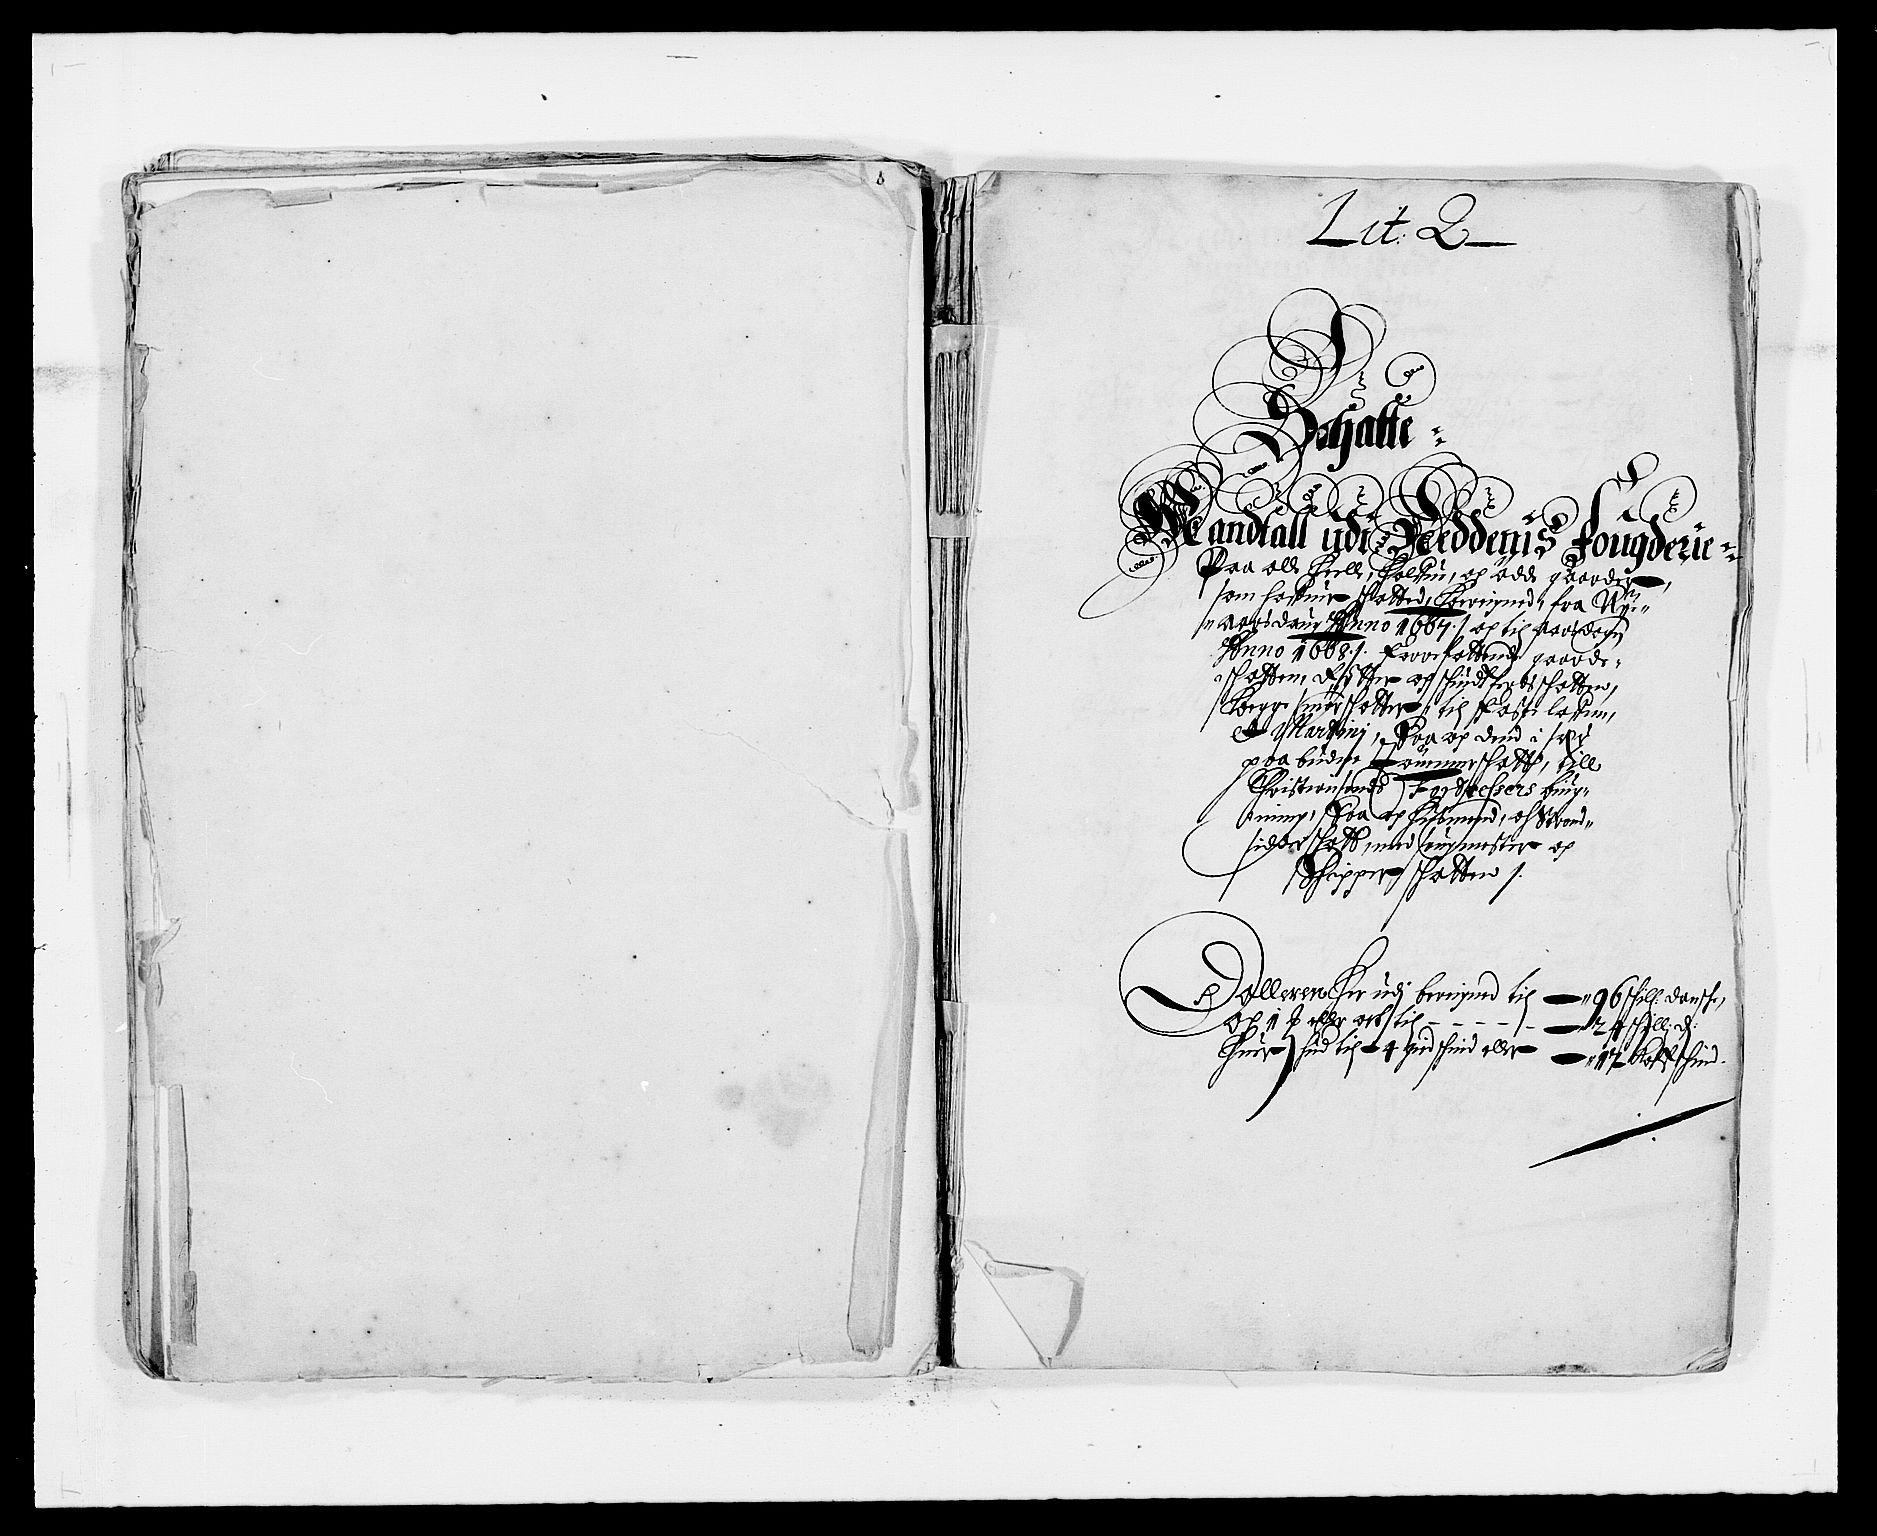 RA, Rentekammeret inntil 1814, Reviderte regnskaper, Fogderegnskap, R39/L2297: Fogderegnskap Nedenes, 1667-1669, s. 37